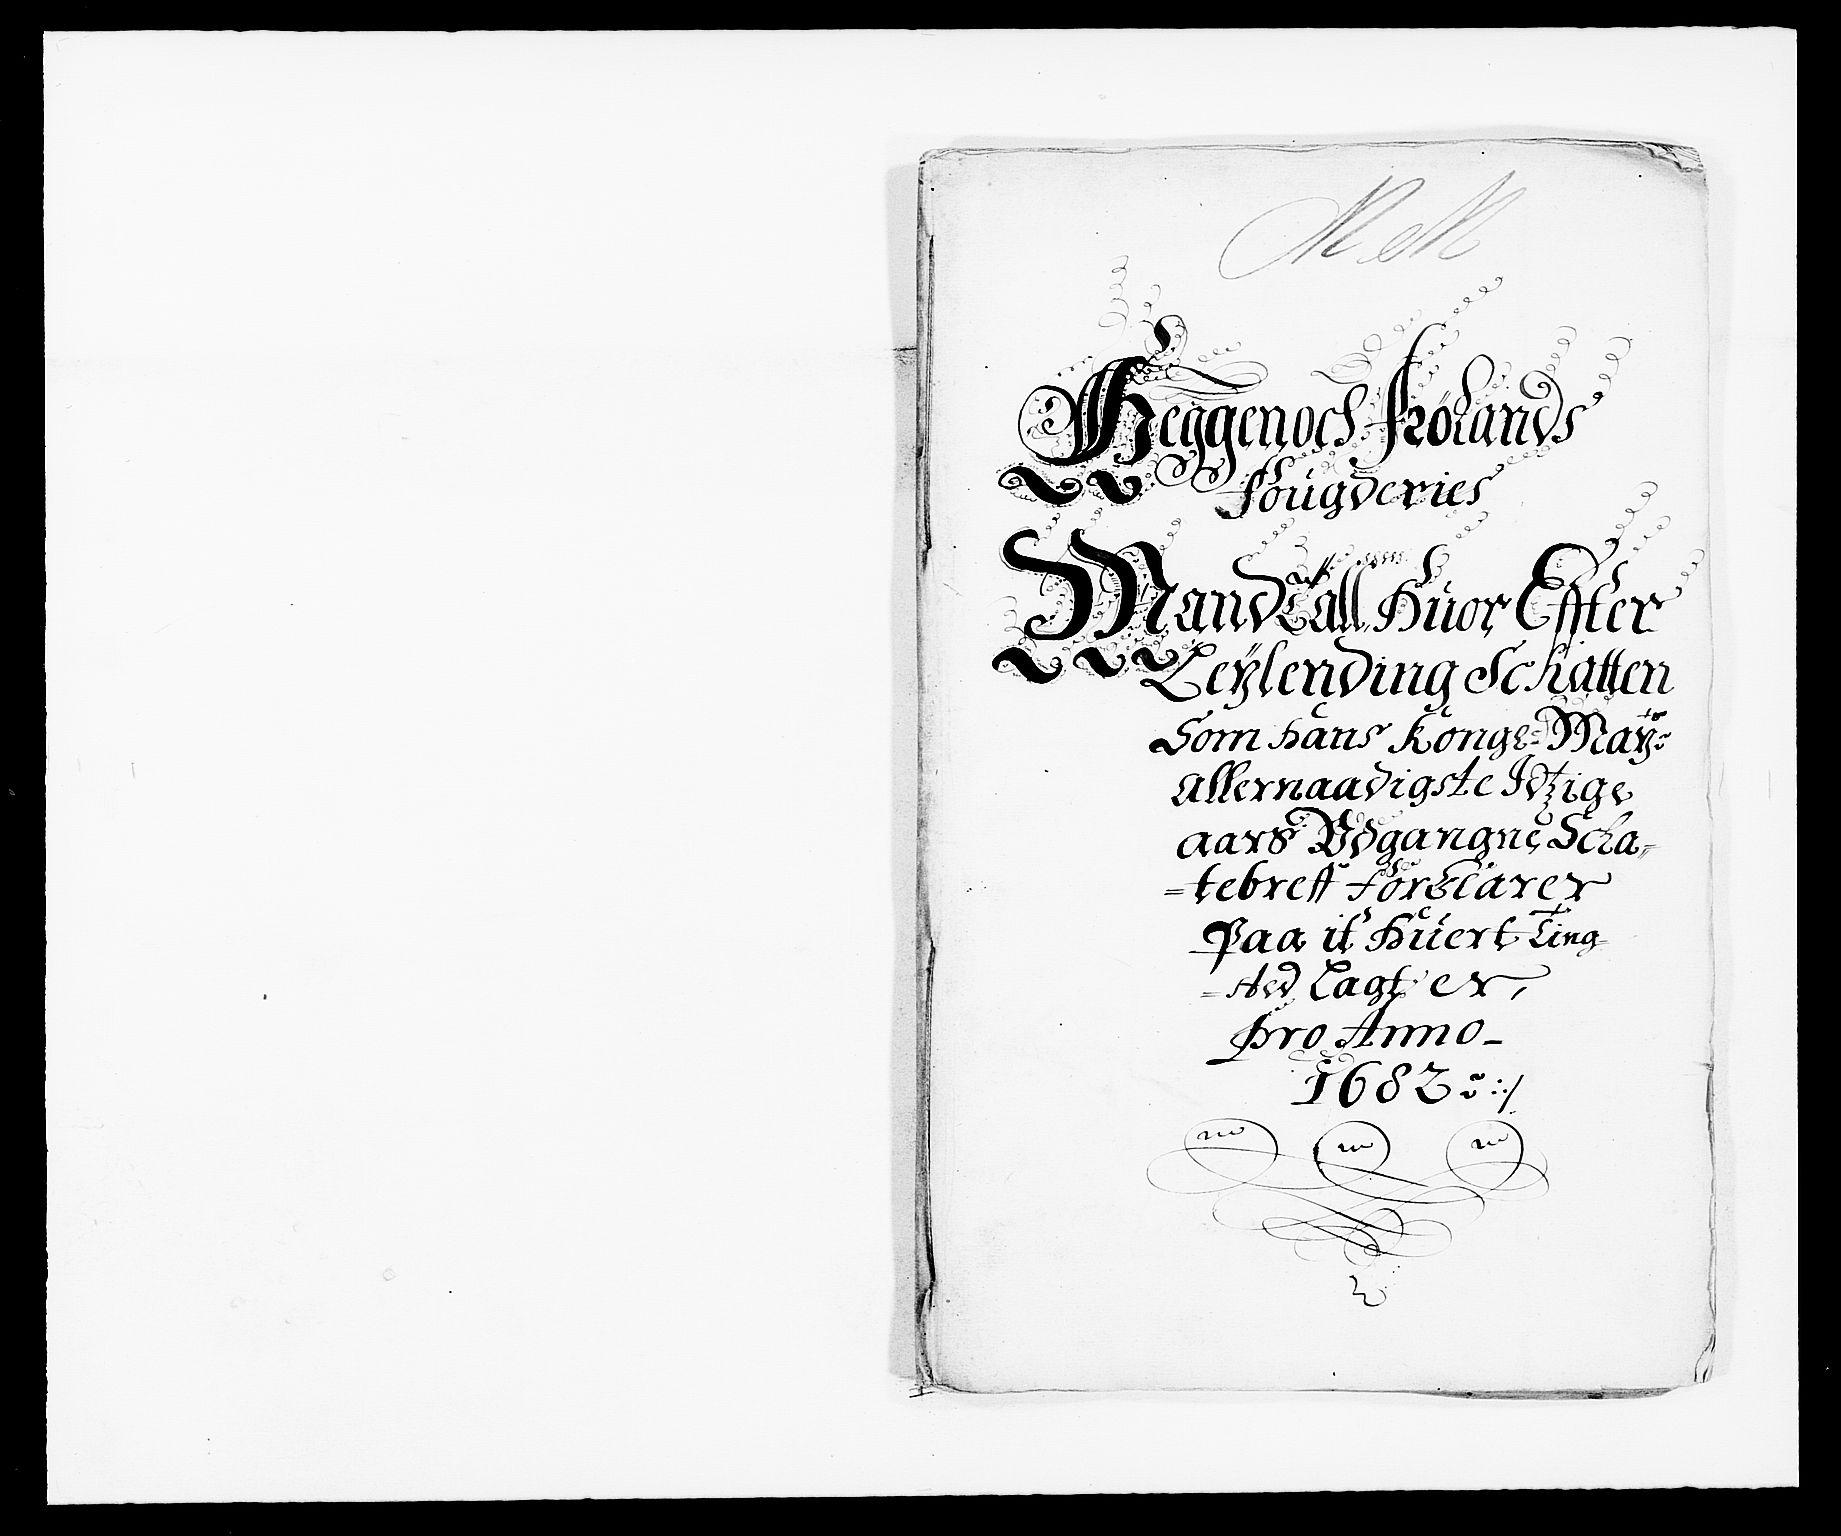 RA, Rentekammeret inntil 1814, Reviderte regnskaper, Fogderegnskap, R06/L0280: Fogderegnskap Heggen og Frøland, 1681-1684, s. 254